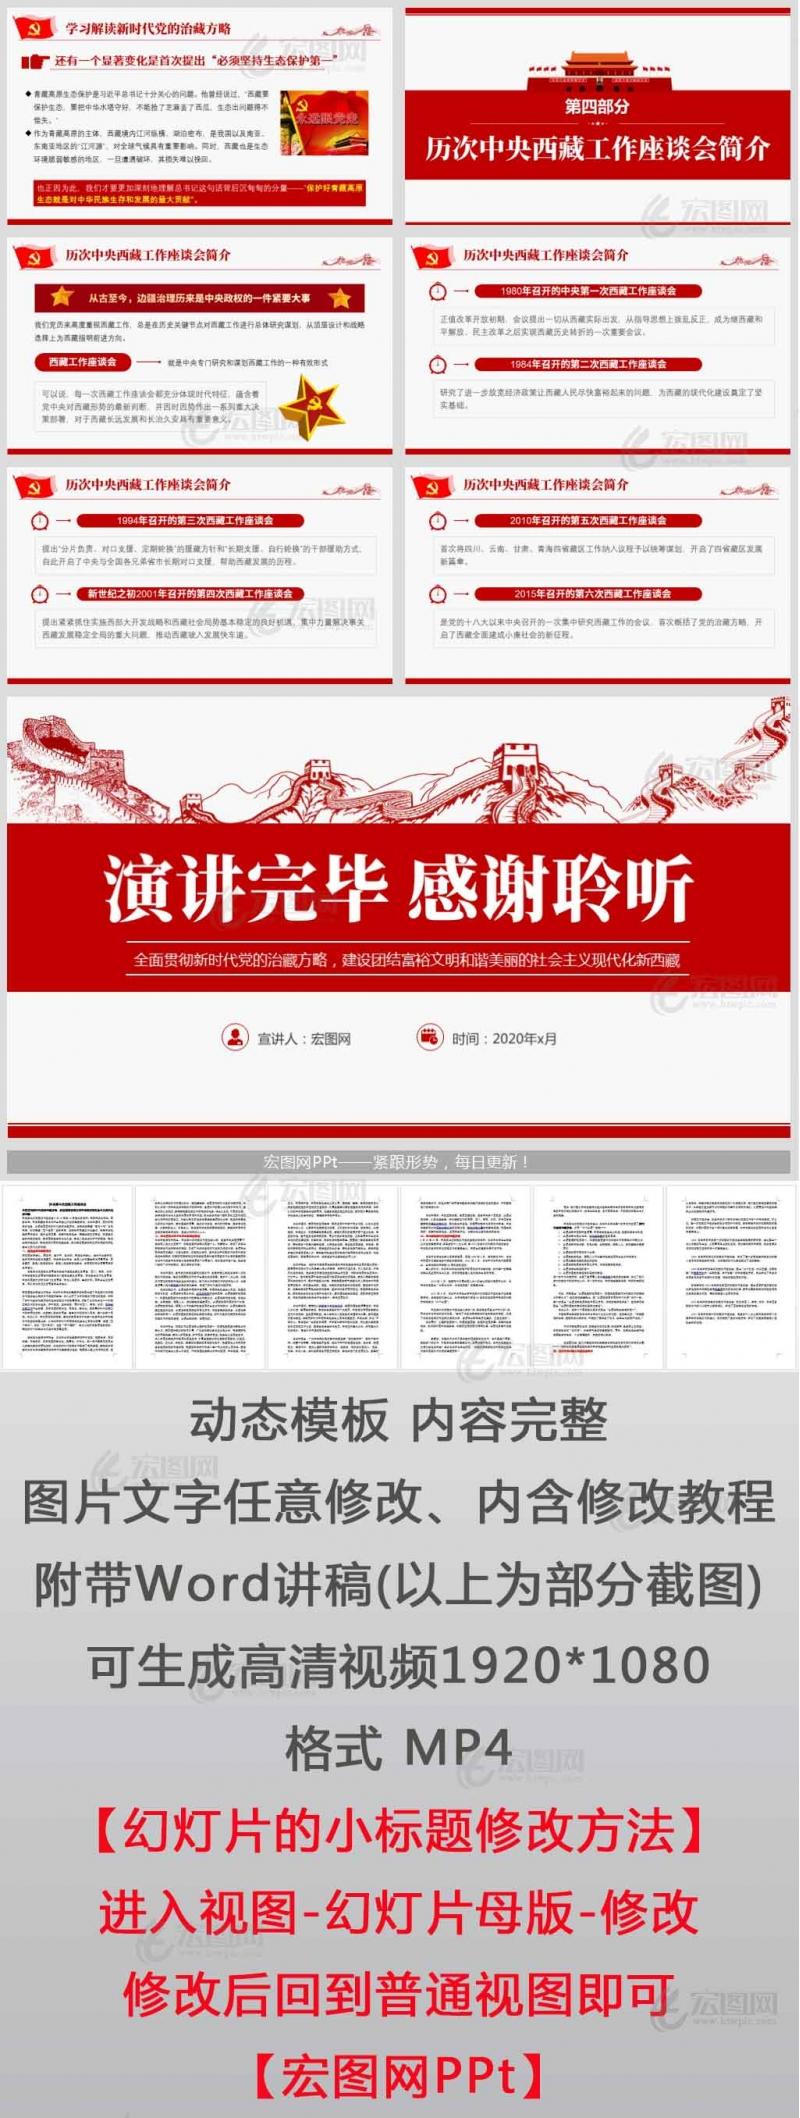 中央第七次西藏工作座谈会全面贯彻重要讲话新时代党的治藏方略党课讲稿PPT